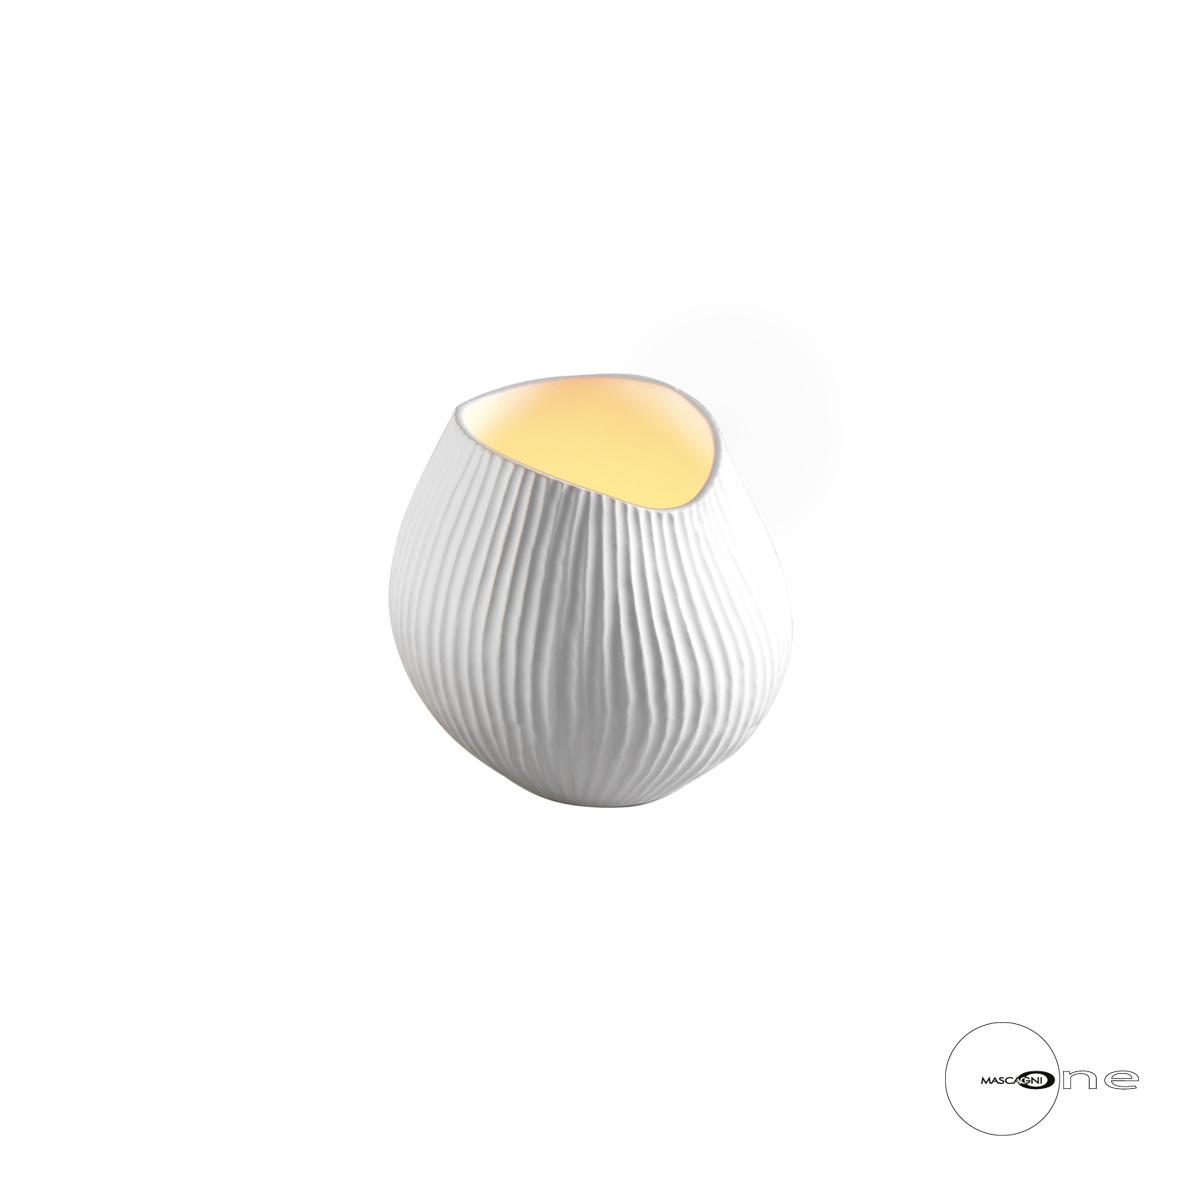 Art Mascagni O1416 CANDLE HOLDER - COL.WHITE